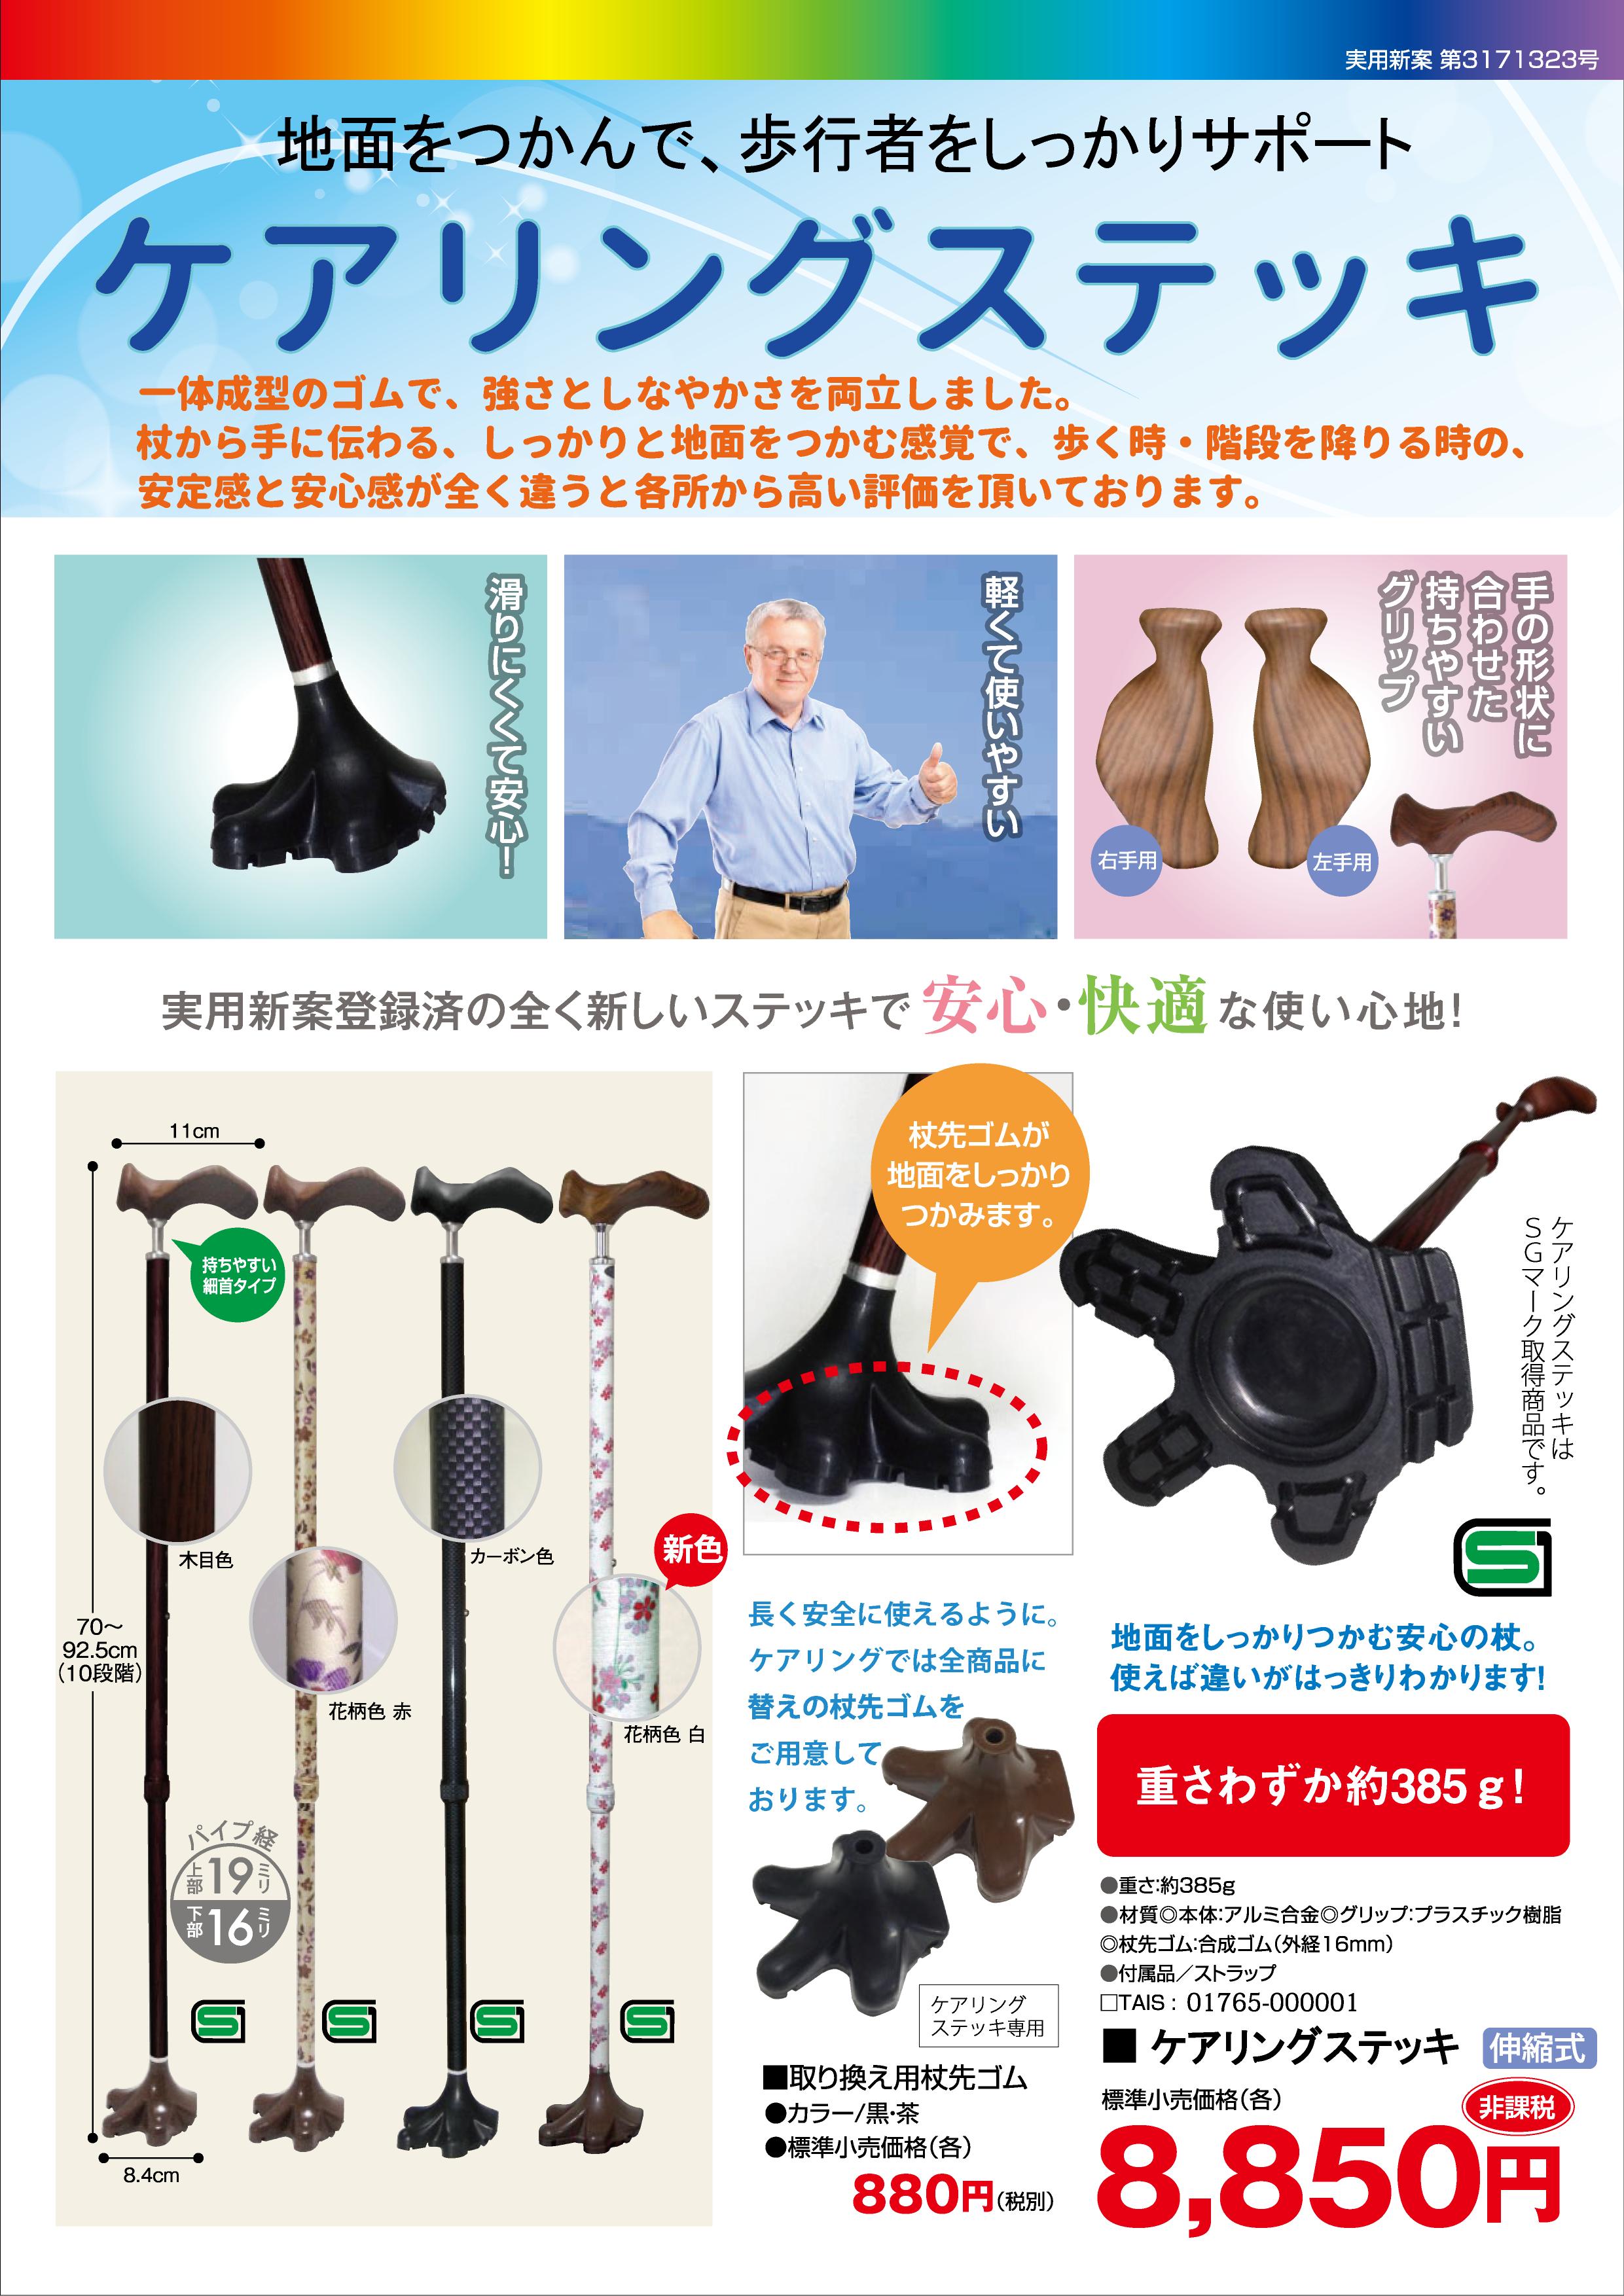 ケアリングのオリジナル杖-ケアリングステッキ